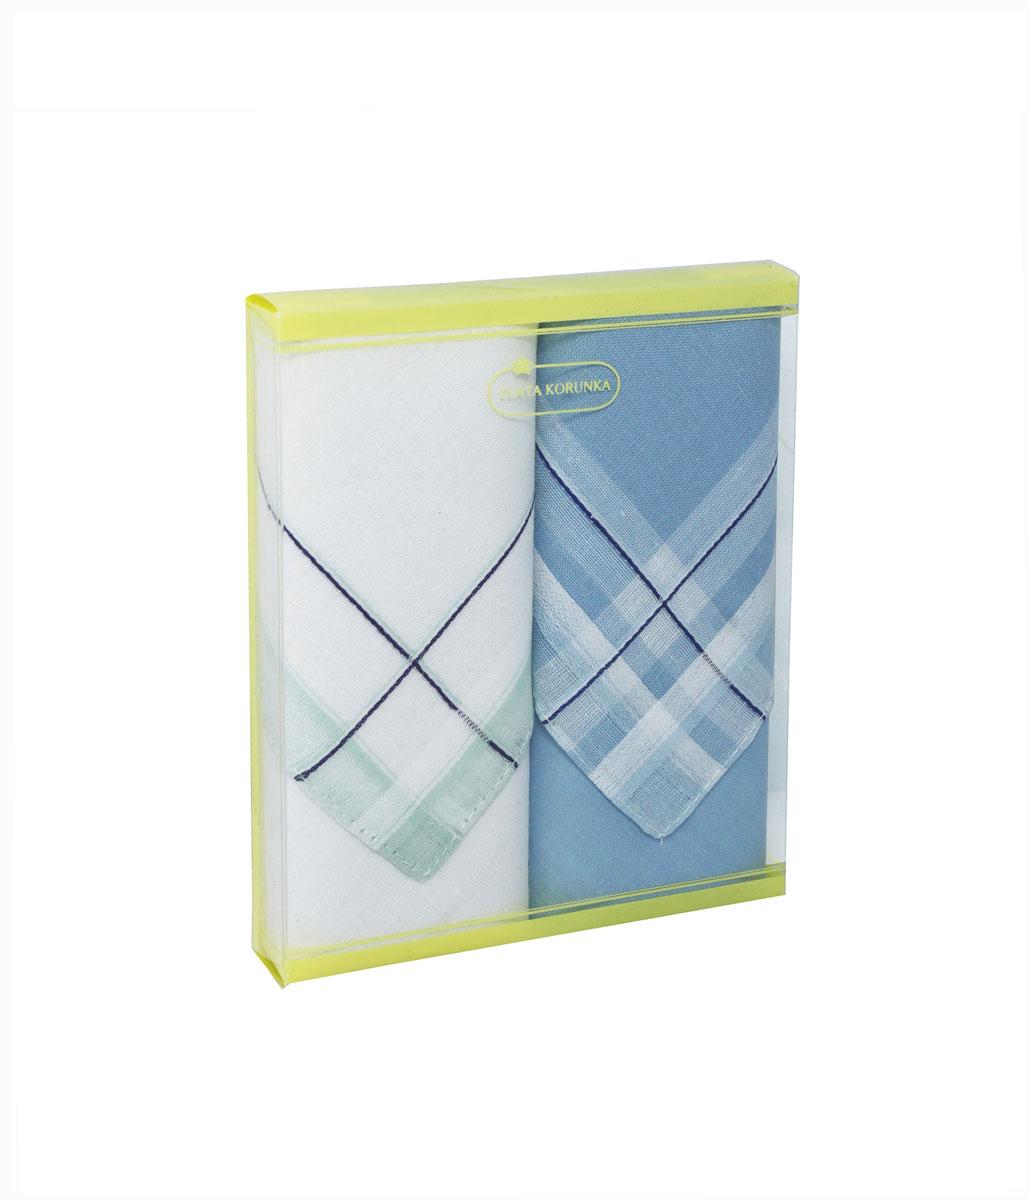 71225-6 Zlata Korunka Носовой платок женский, цвет: мультиколор, 34х34 см, 2 шт71225-6Платки носовые женские в упаковке по 2 шт. Носовые платки изготовлены из 100% хлопка, так как этот материал приятен в использовании, хорошо стирается, не садится, отлично впитывает влагу.